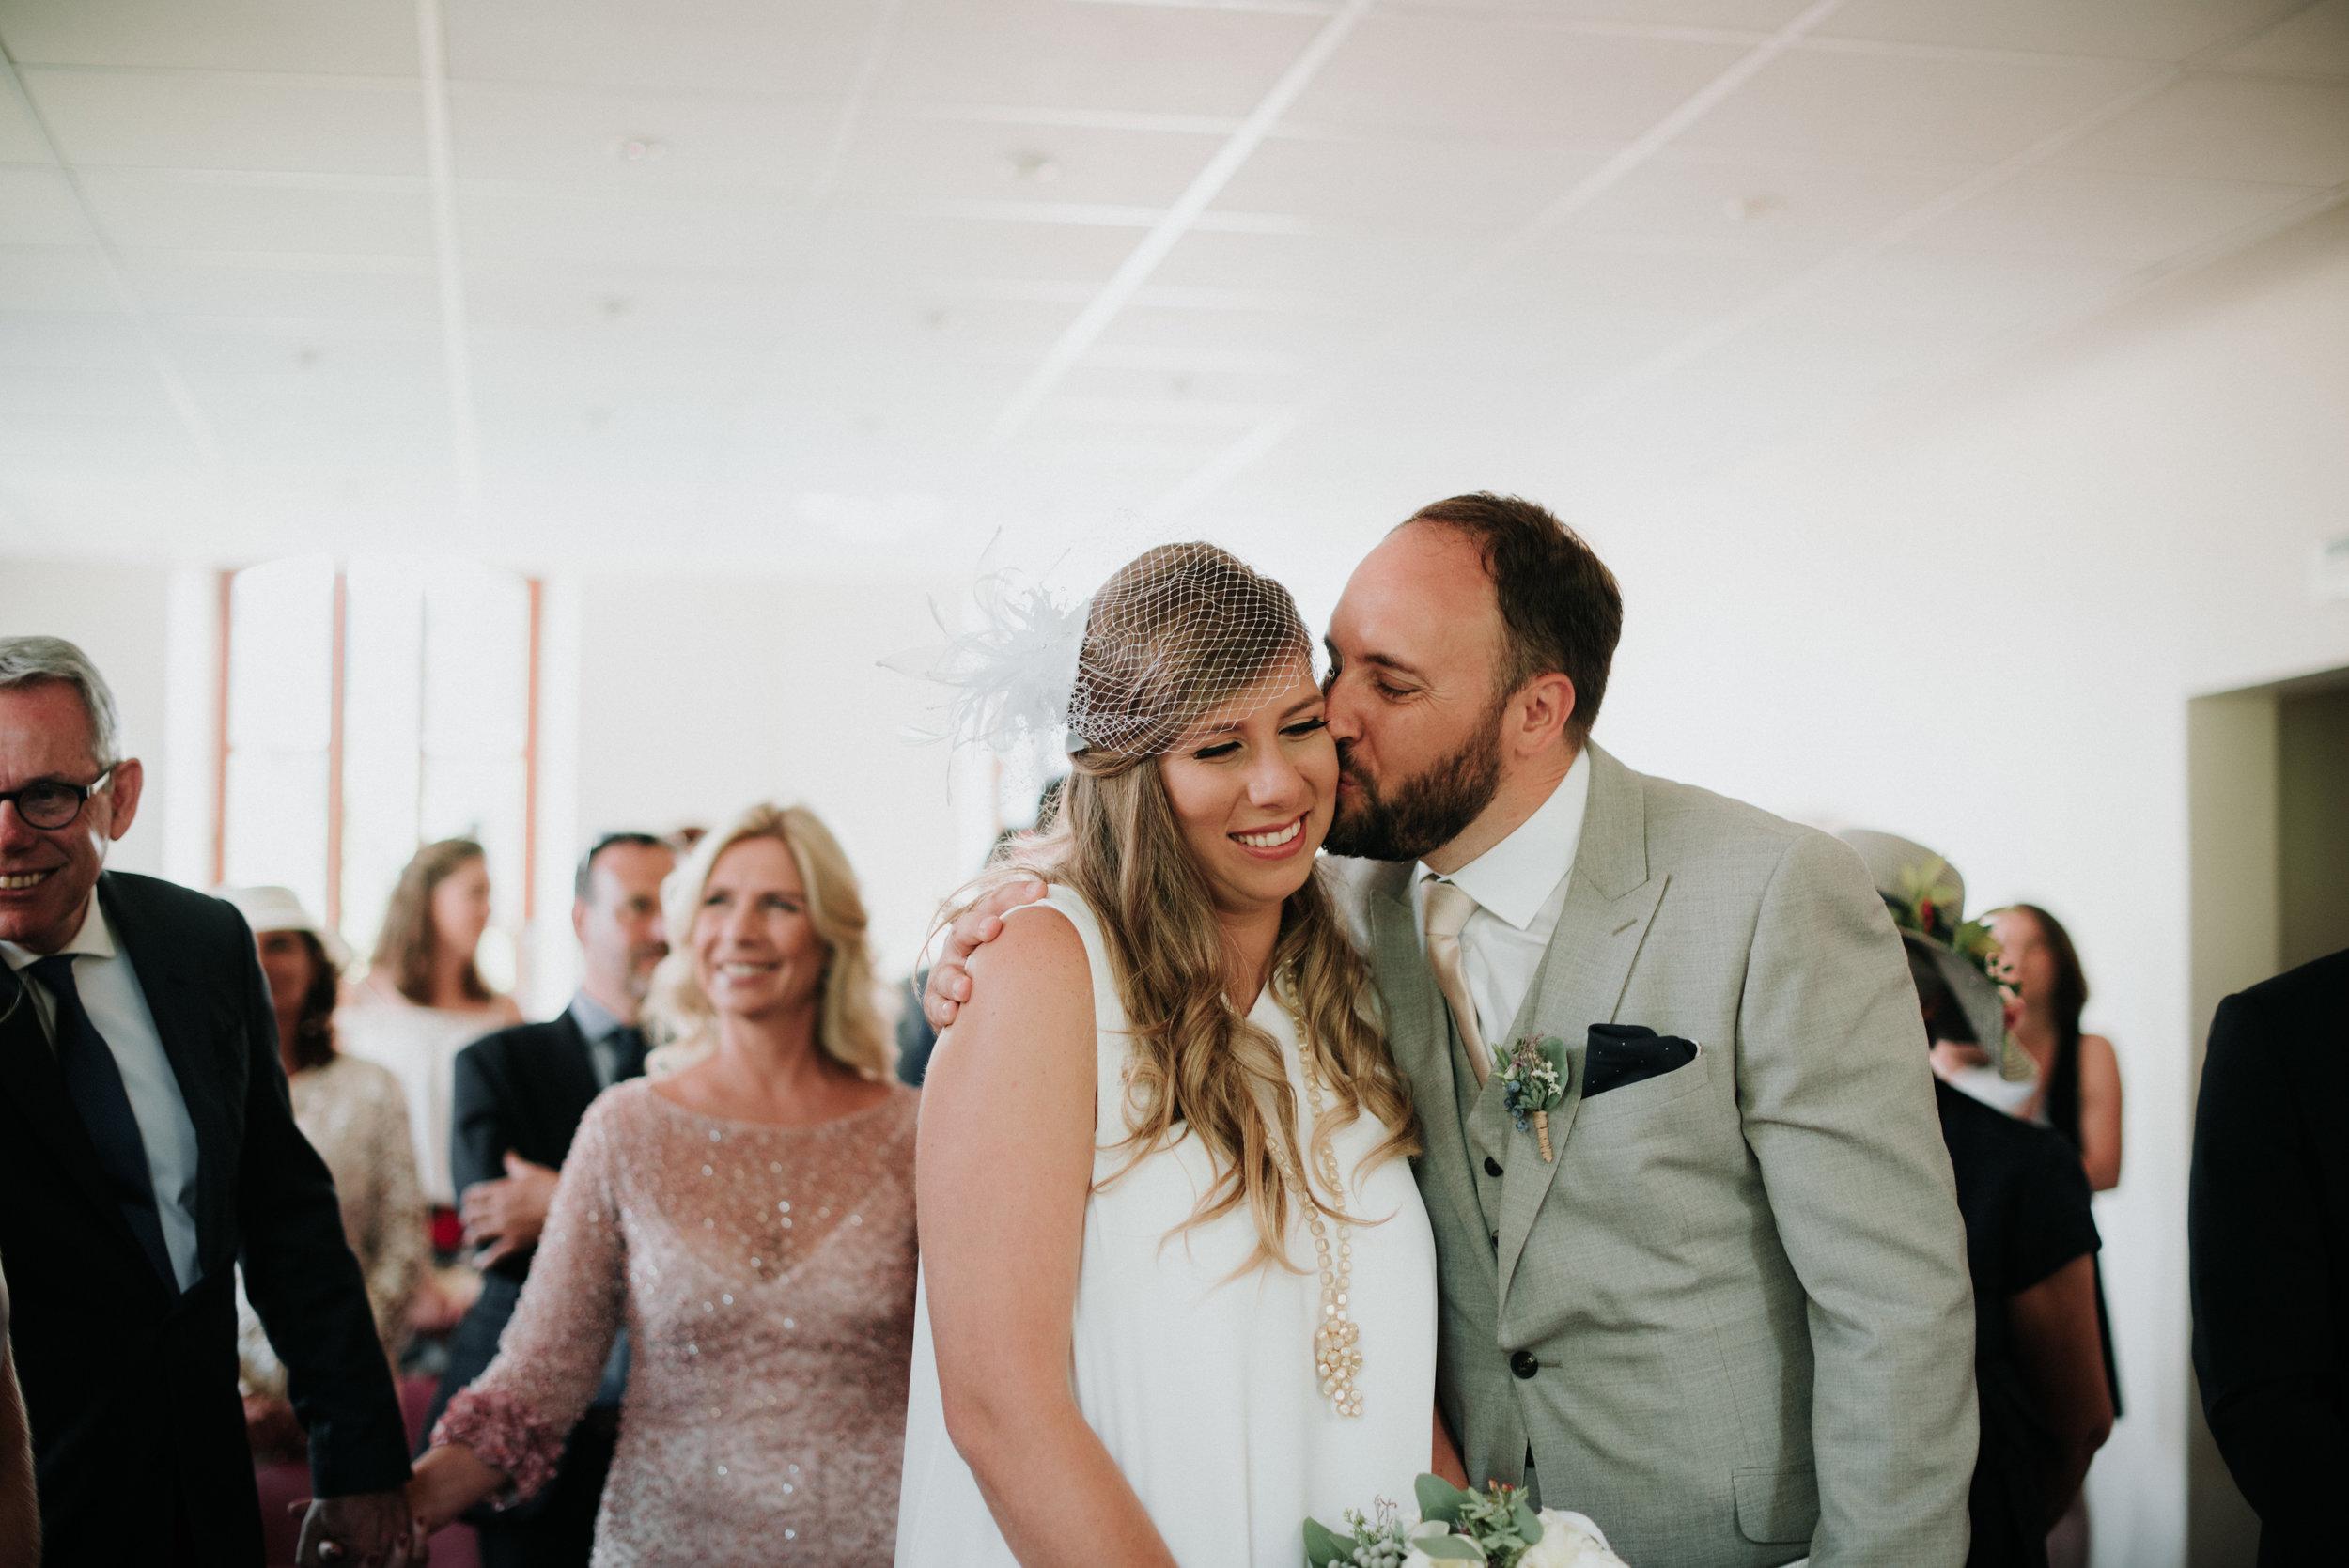 Léa-Fery-photographe-professionnel-lyon-rhone-alpes-portrait-creation-mariage-evenement-evenementiel-famille-8335.jpg